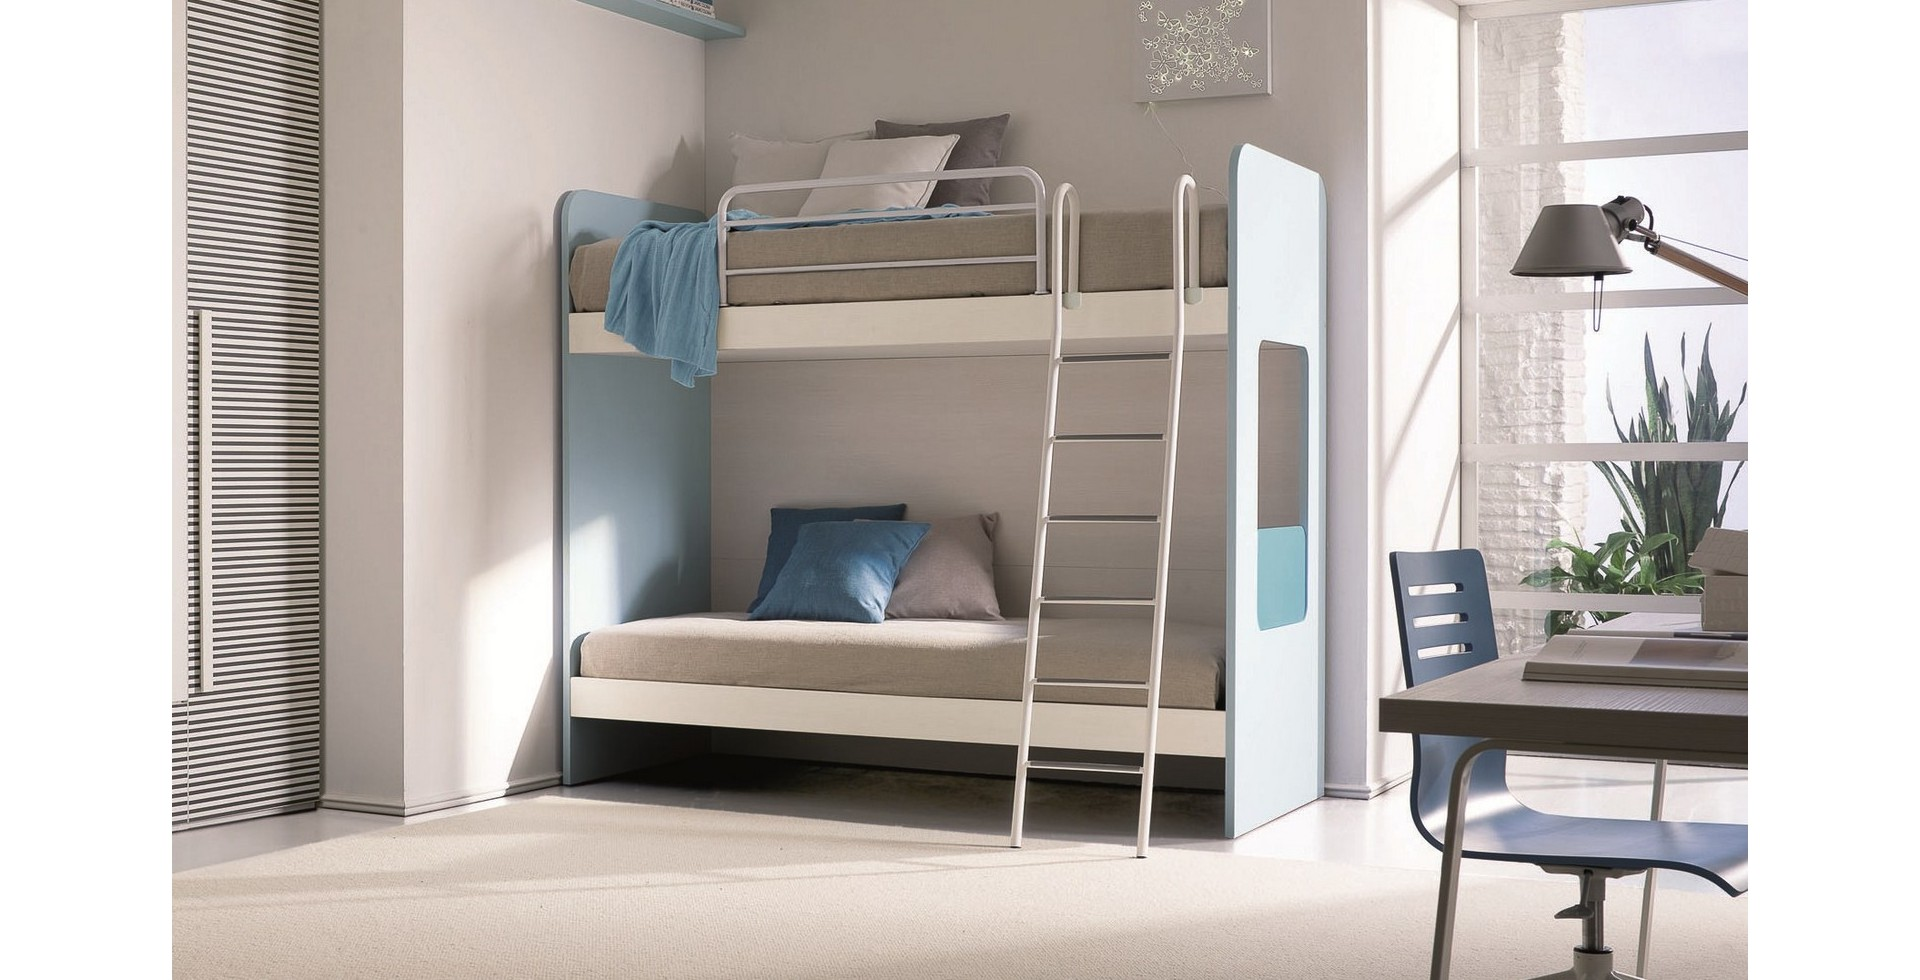 Camerette Tre Letti Ikea camerette attrezzate. la camera per ragazzi. capitolo 5